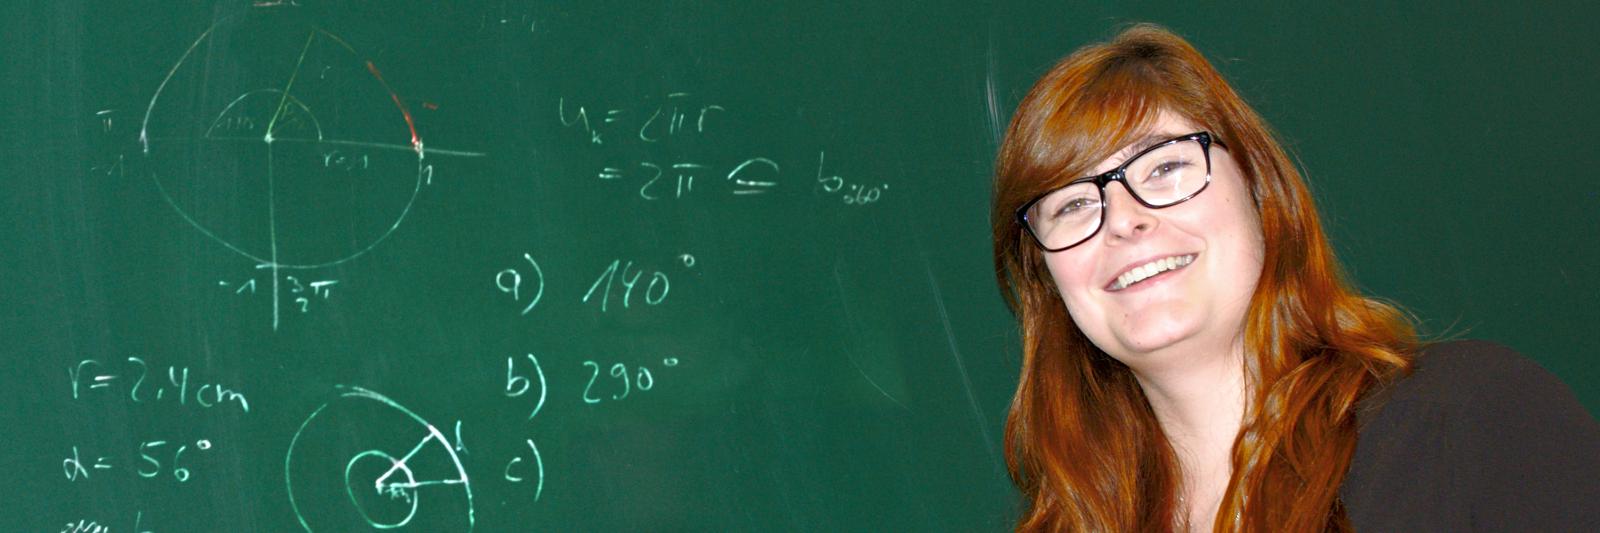 Nachhilfe-Lehrer von der Grundschule bis zum Abitur